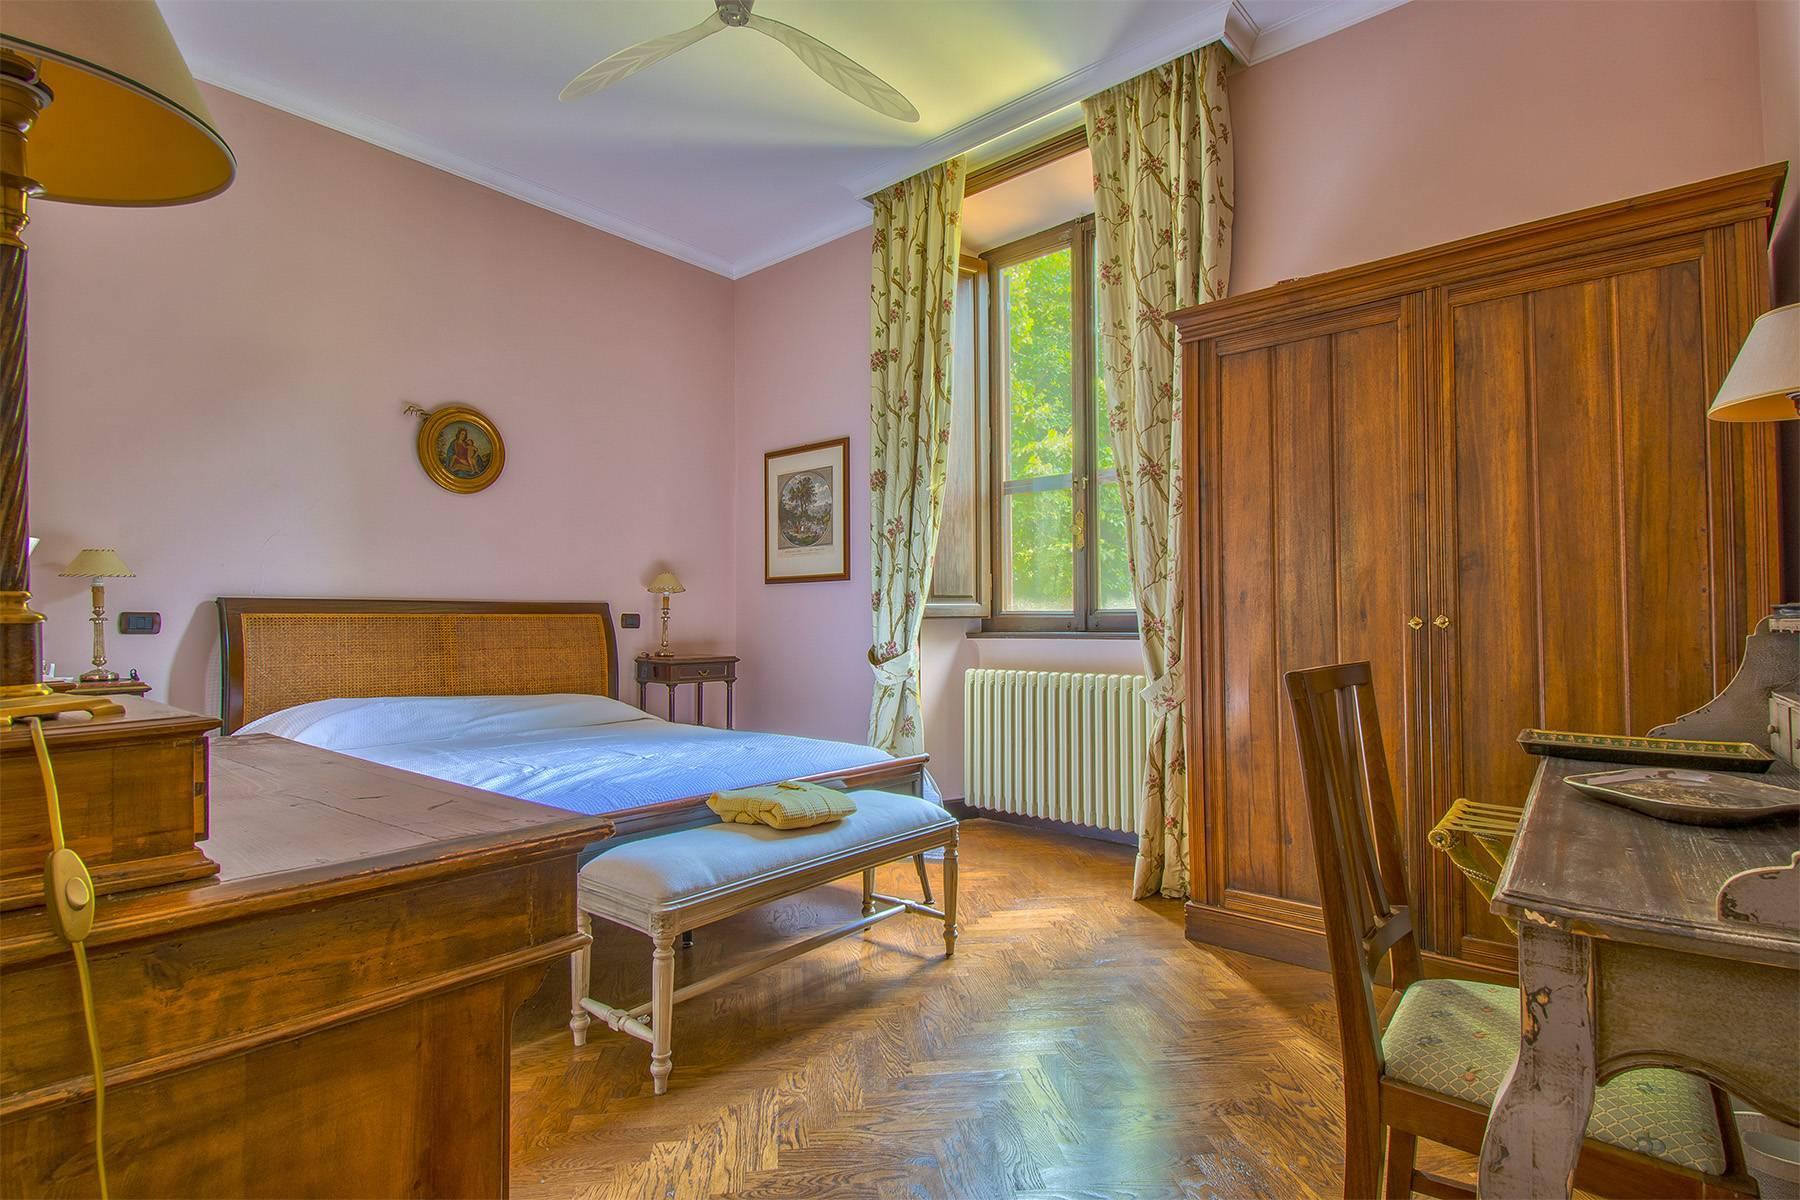 Magnifica villa dell'800 nel cuore dell'Umbria - 15